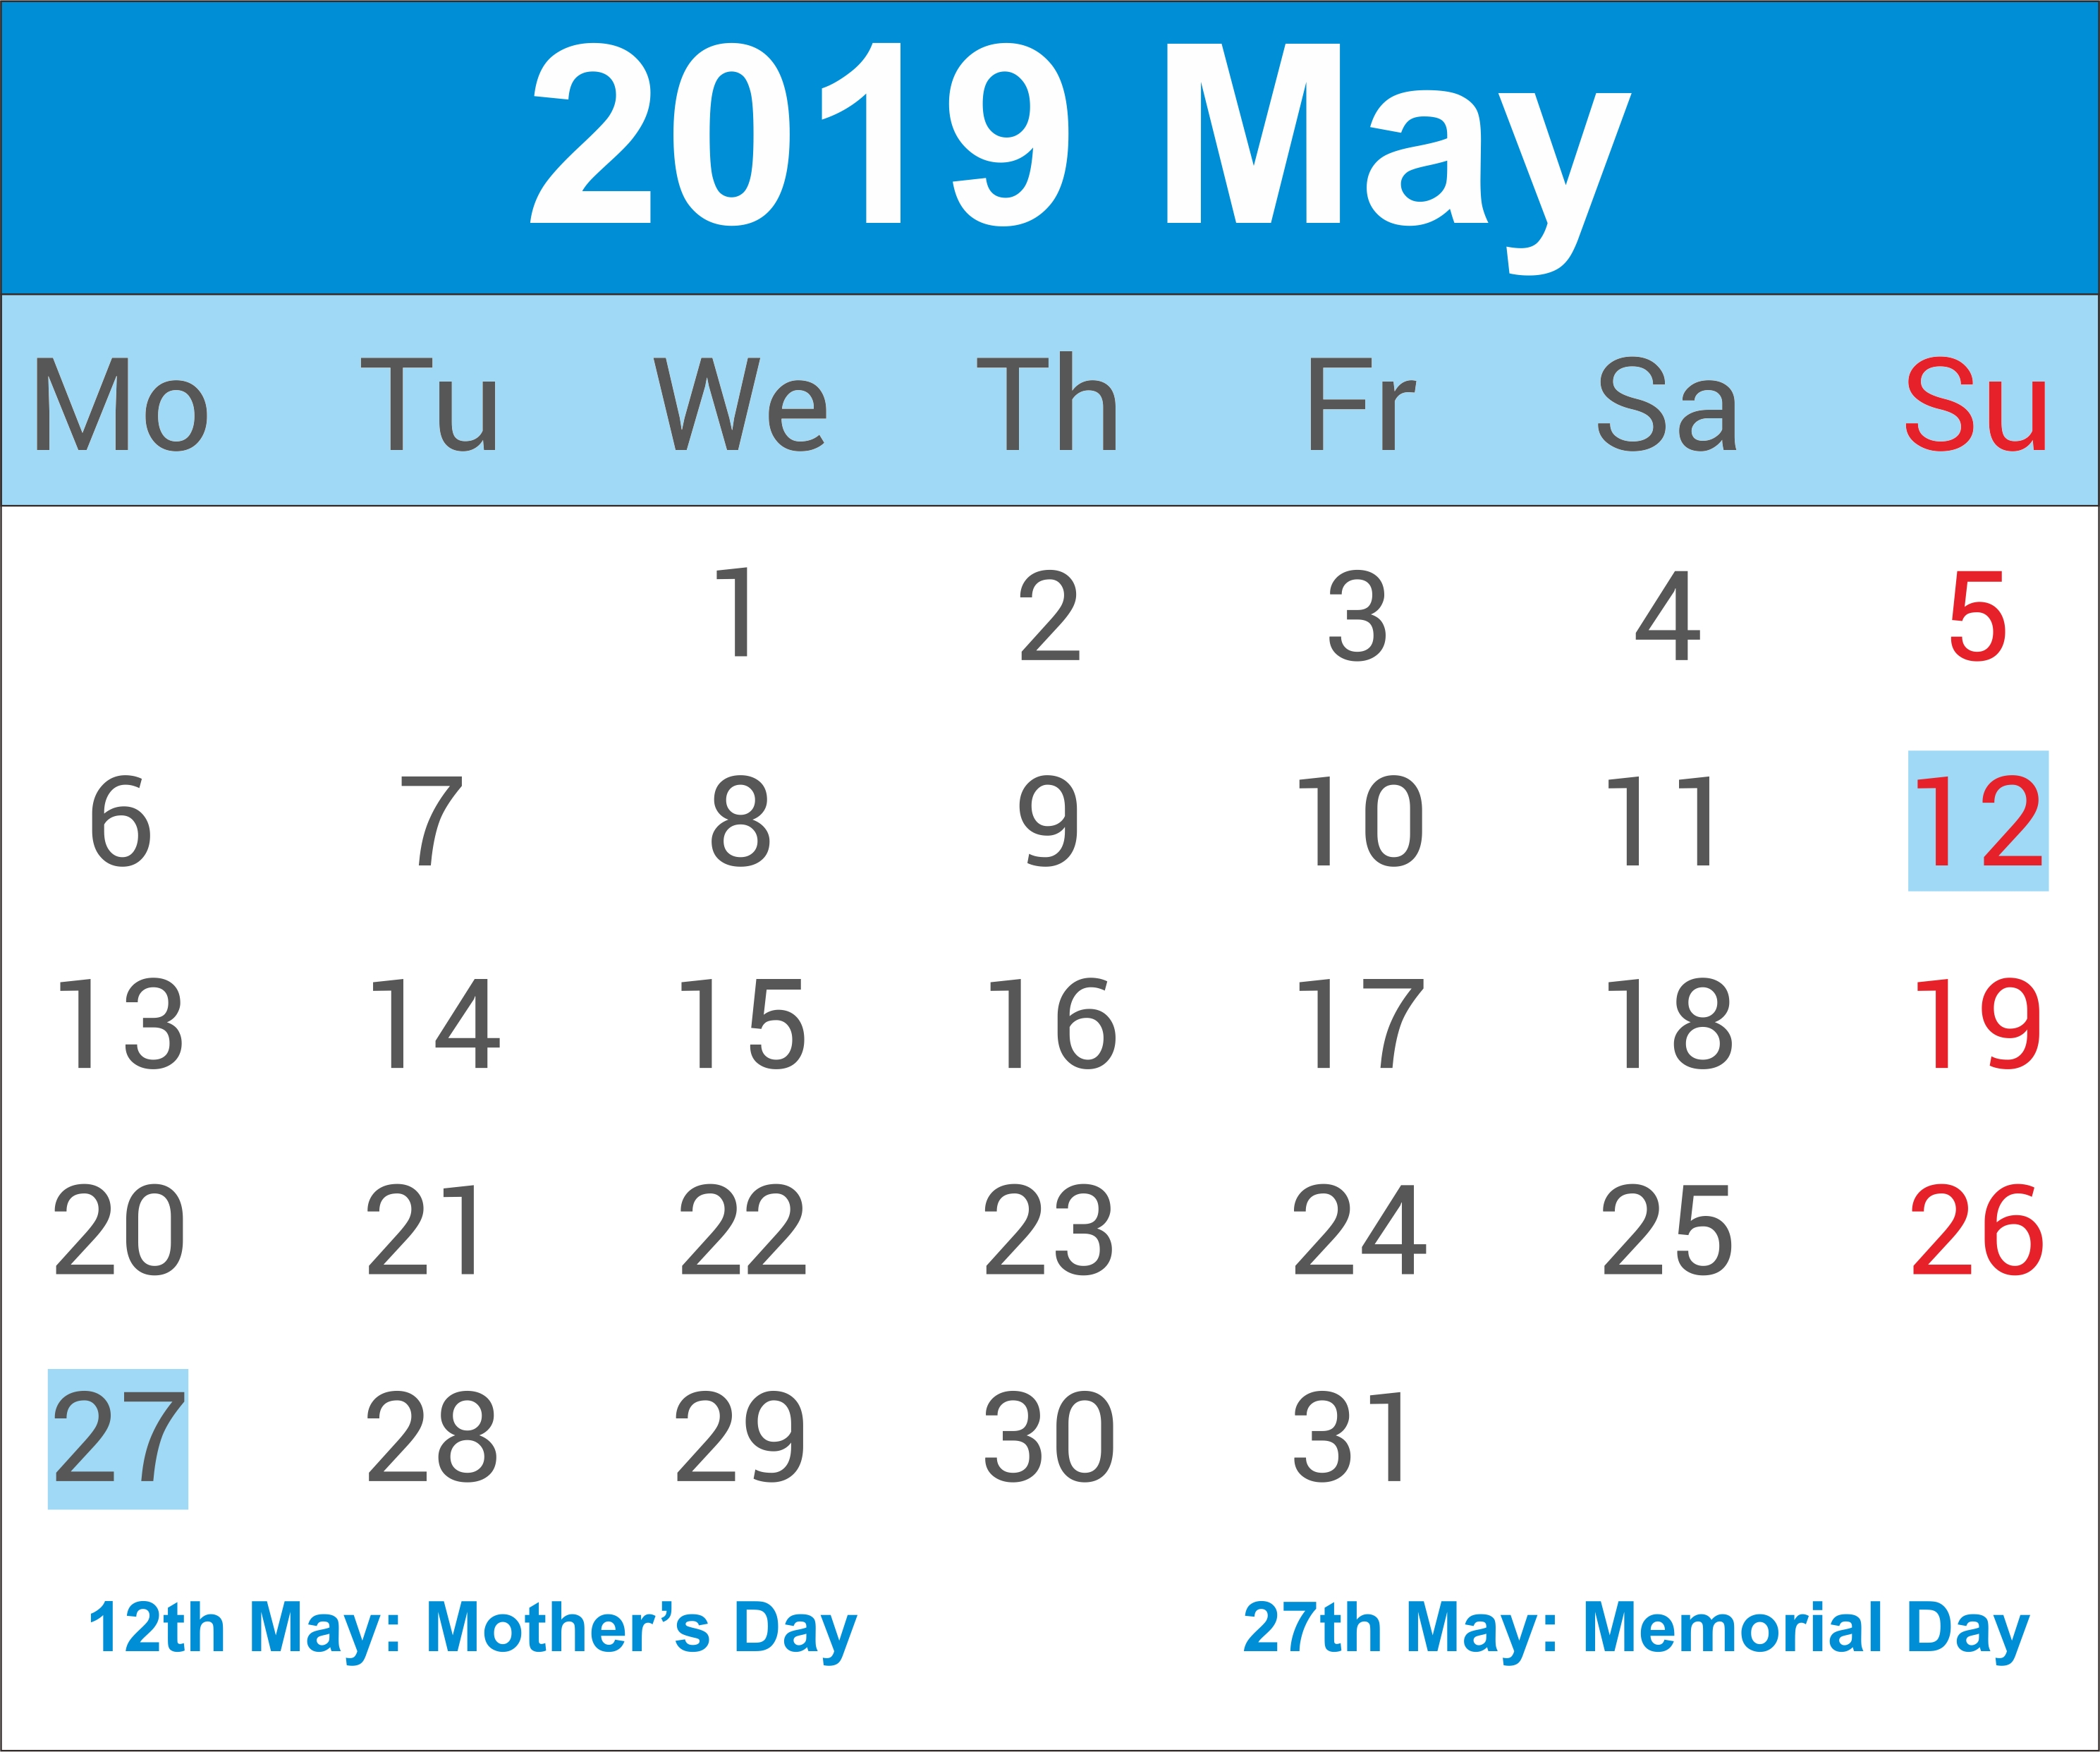 May 2019 Calendar | May Calendar 2019, May 2019 Printable Calendar May 6 2019 Calendar